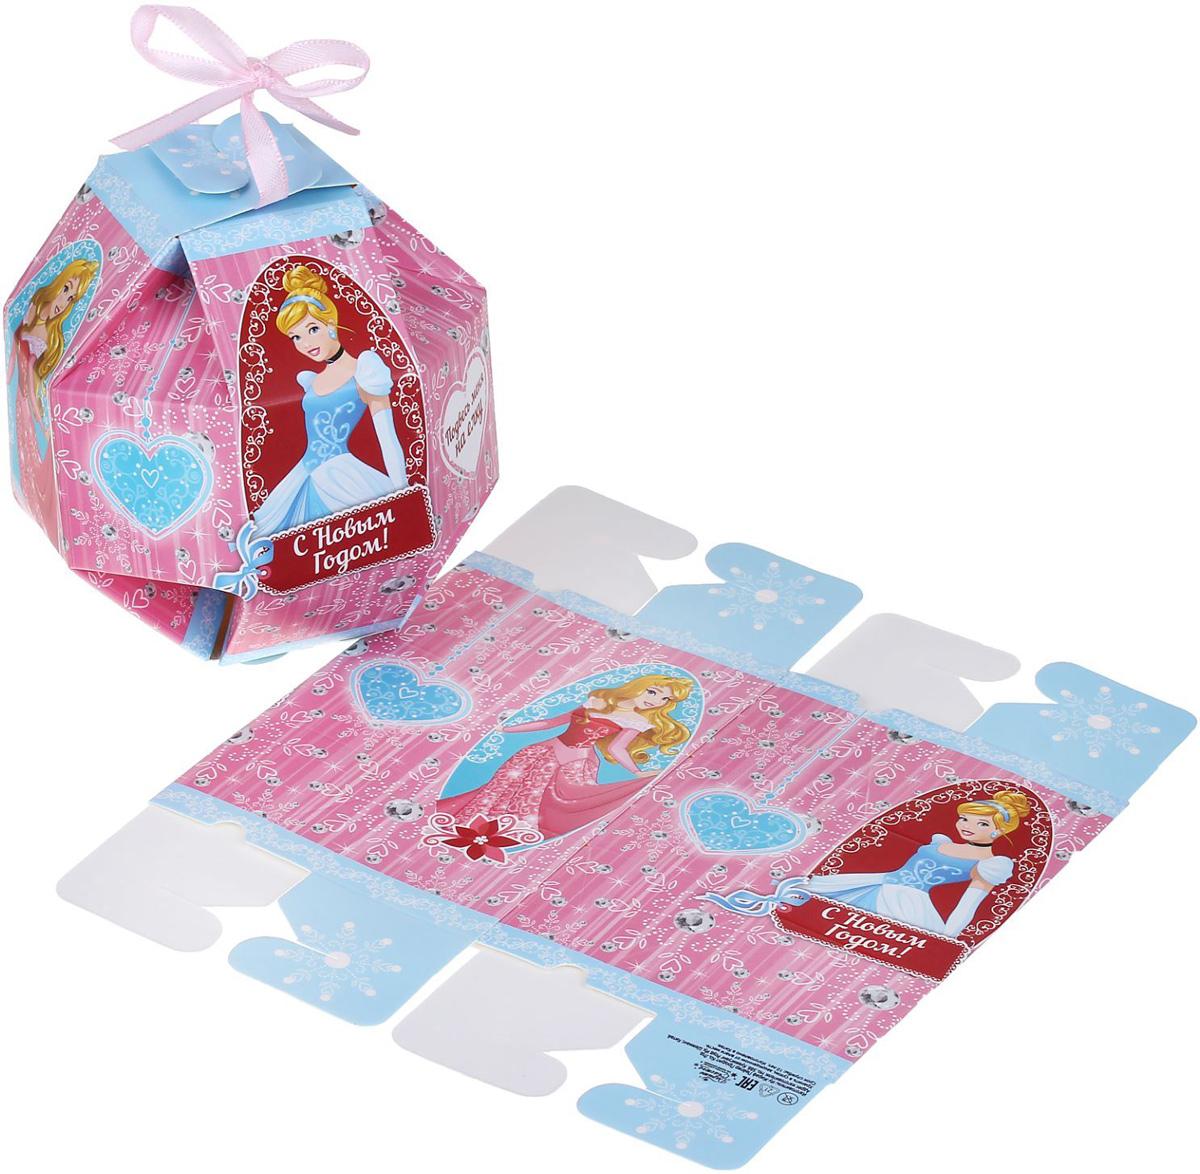 Коробка складная Disney С Новым годом! Принцессы, 10 х 10 x 10 см1398641Любой подарок начинается с упаковки. Что может быть трогательнее и волшебнее, чем ритуал разворачивания полученного презента. И именно оригинальная, со вкусом выбранная упаковка выделит ваш подарок из массы других. Она продемонстрирует самые теплые чувства к виновнику торжества и создаст сказочную атмосферу праздника.